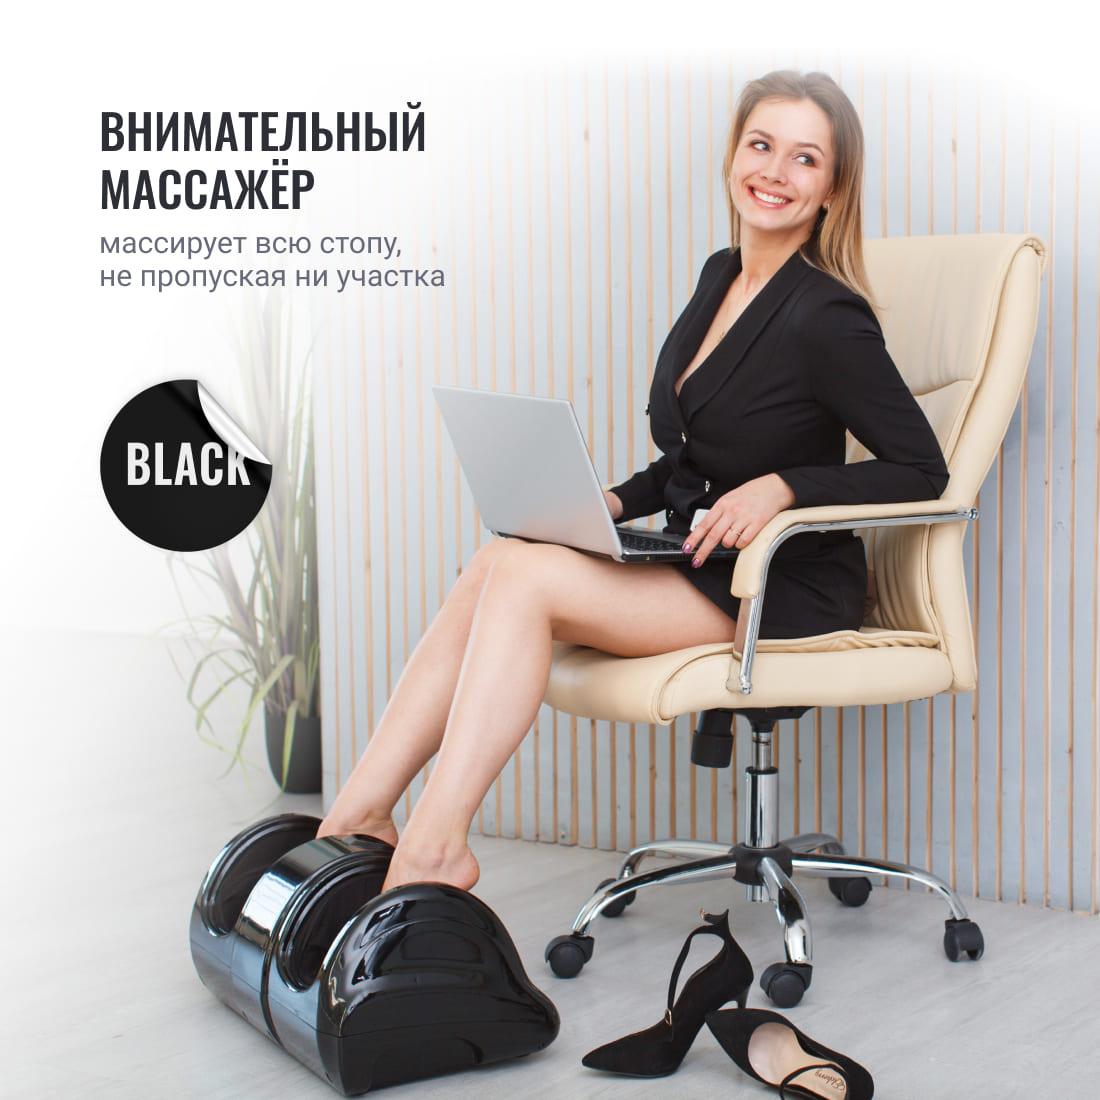 Bliss массажер для ног (черный)